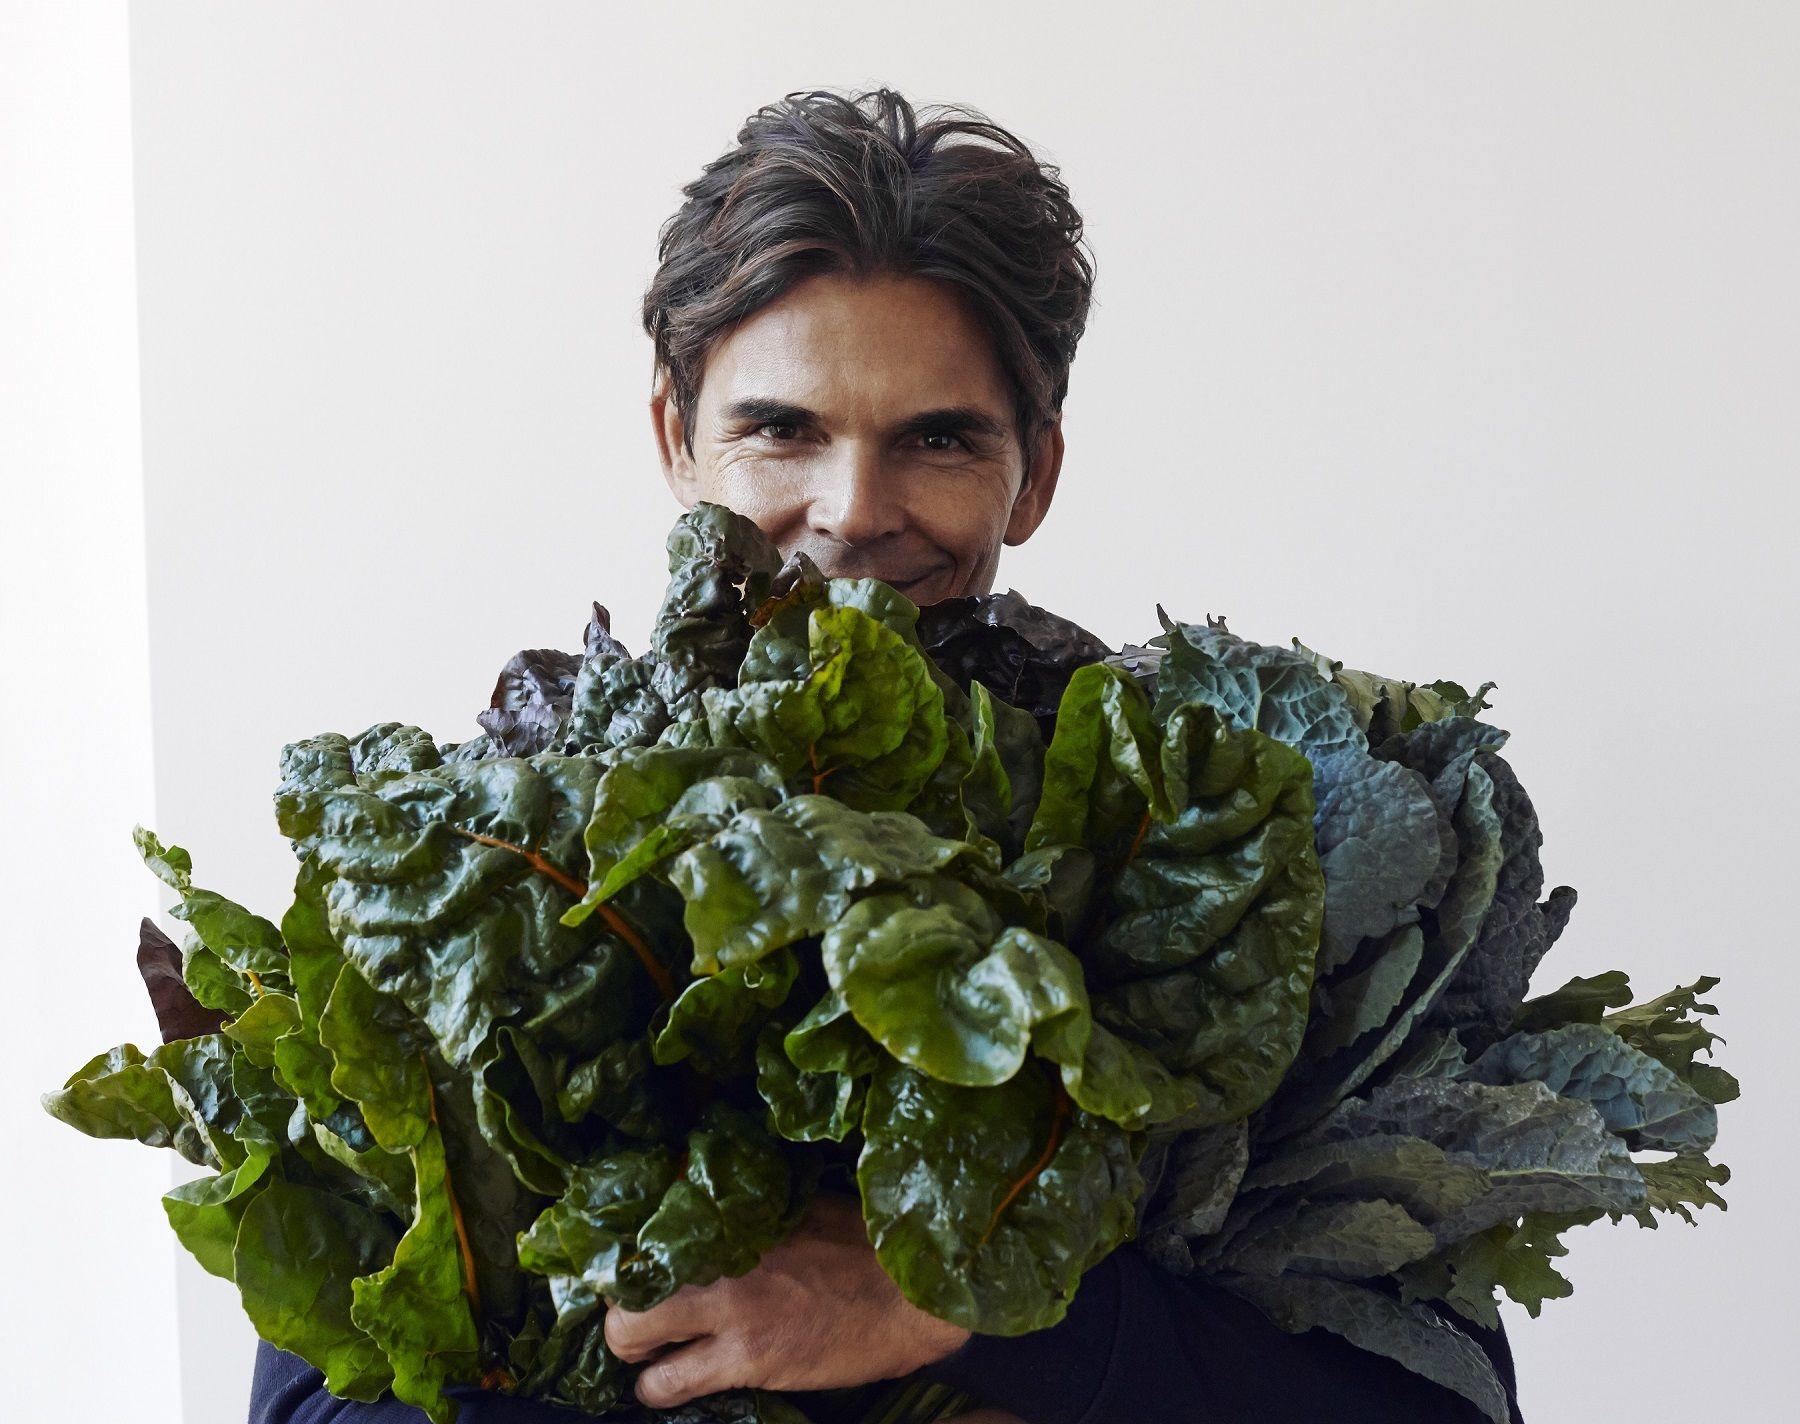 Мэттью Кенни, ресторатор, шеф-повар сыроедческо-веганской кухни ©Фото предоставлено организаторами гастрономического фестиваля IKRA